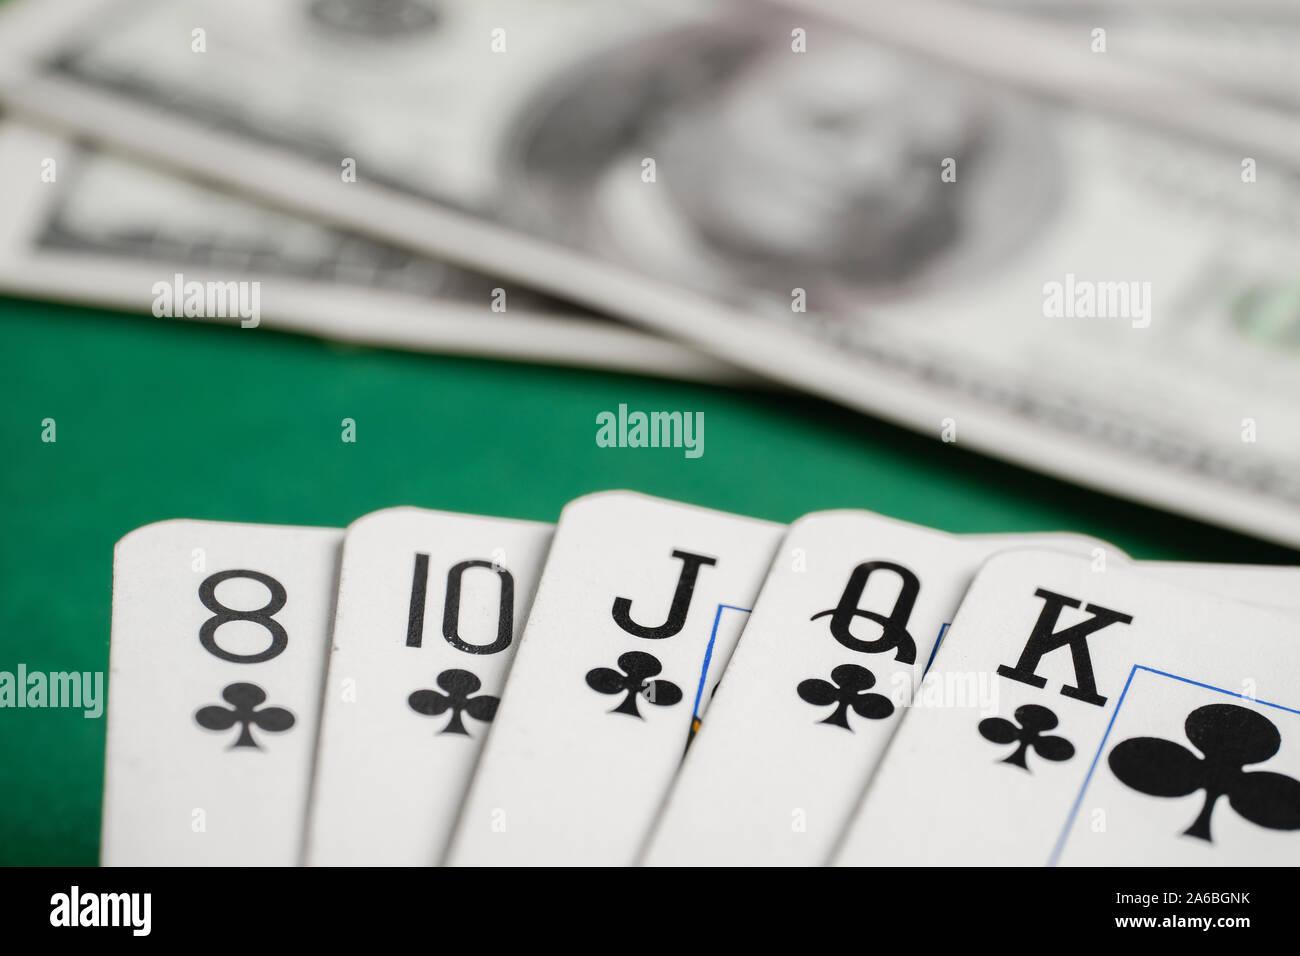 Download 1king casino